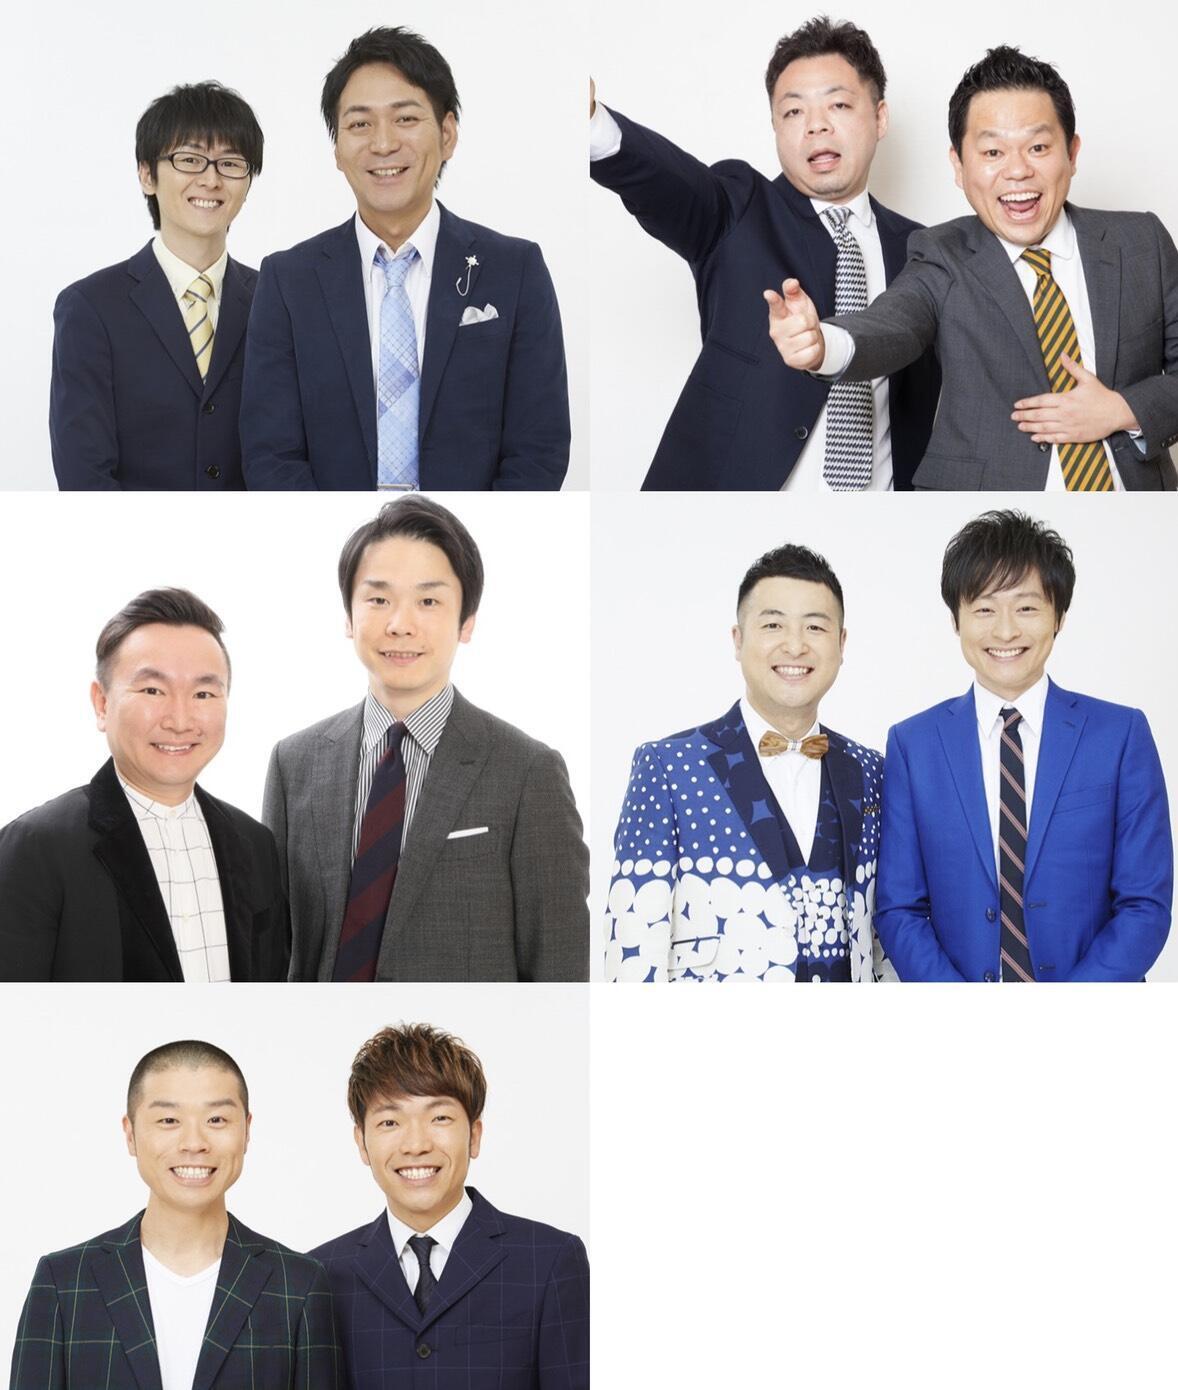 http://www.syumatsu.jp/20200906131221-bf8b99d8d0398bcc3a3ae53caff79b1967b1ea84.jpg